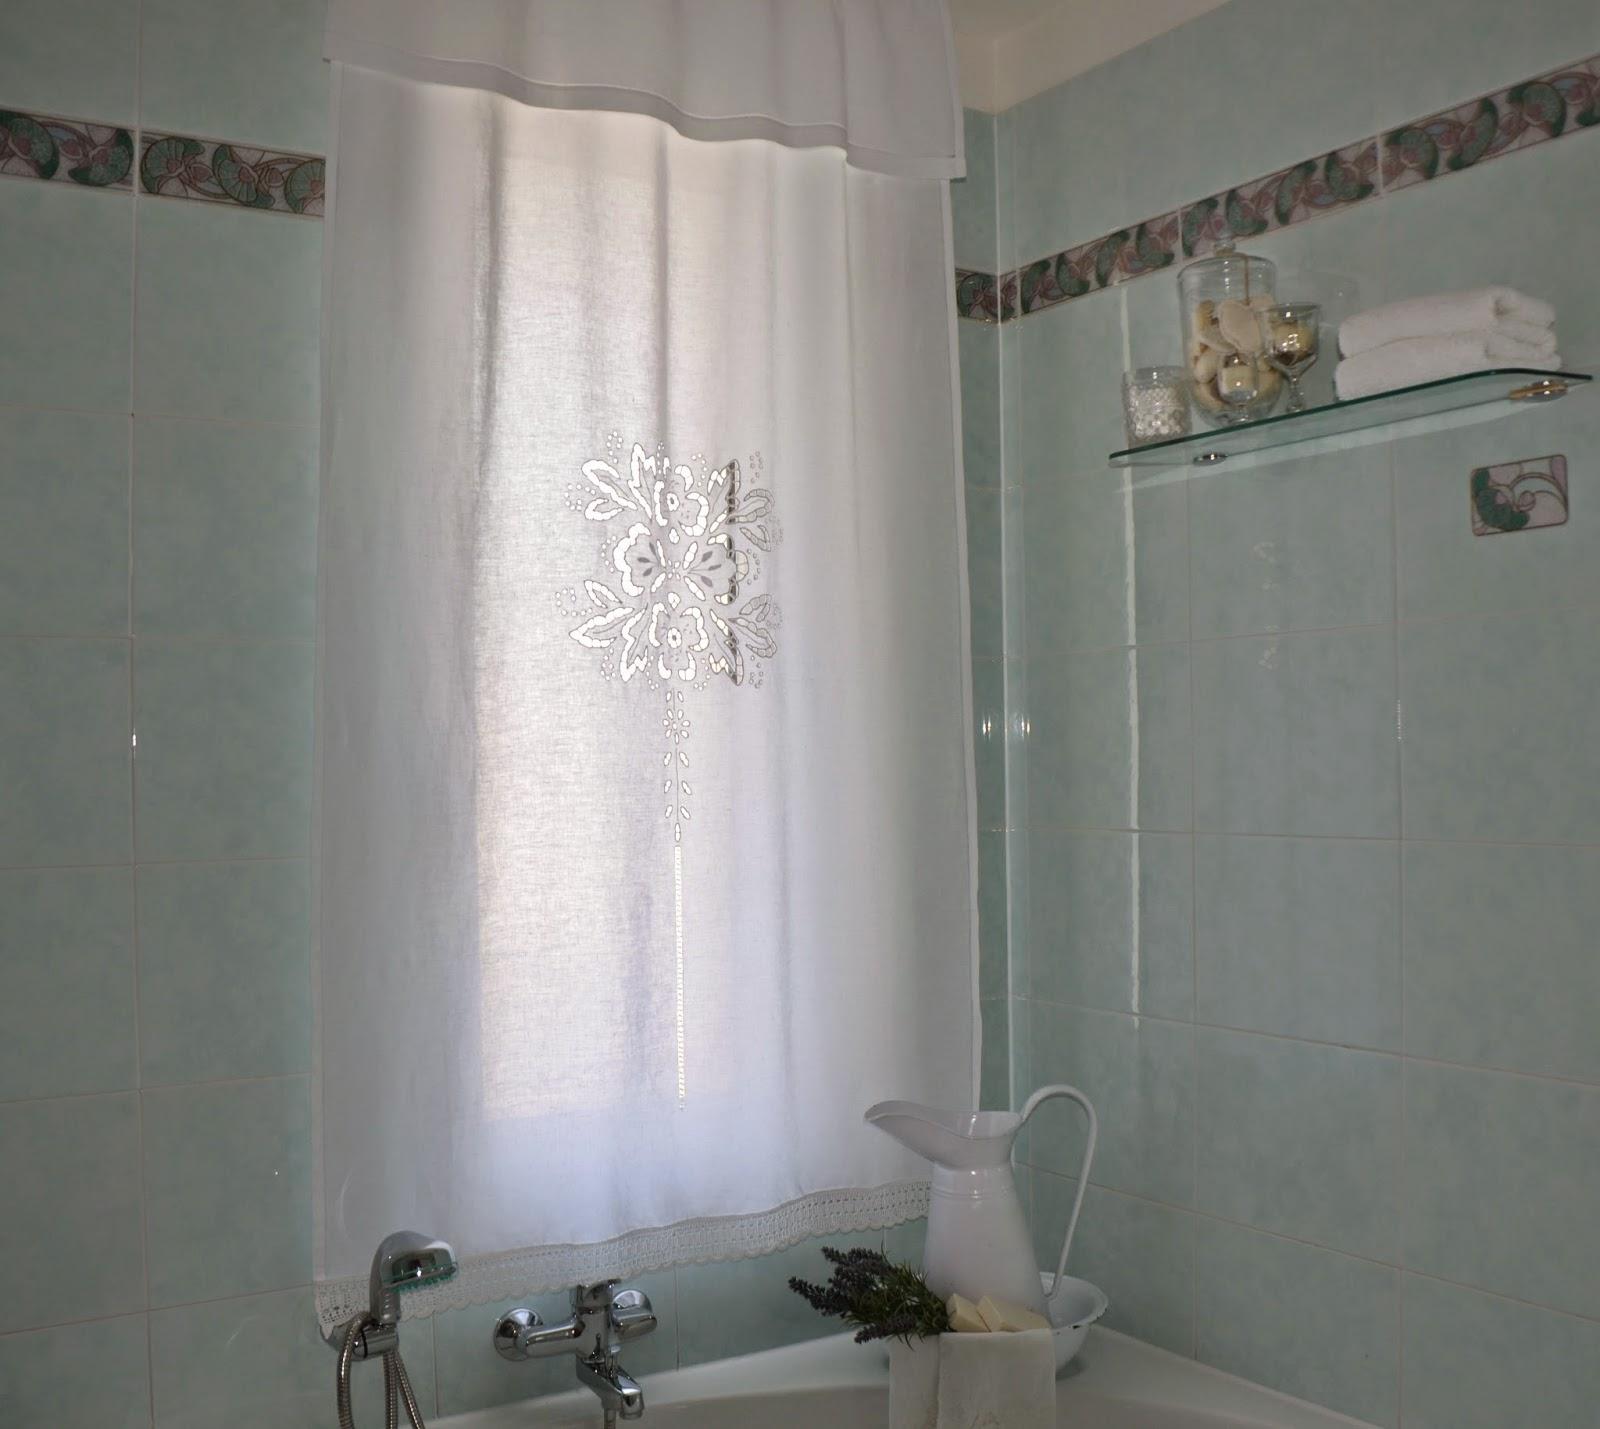 Croci e delizie nuova tenda per il bagno a punto intaglio - Modelli di tende per bagno ...